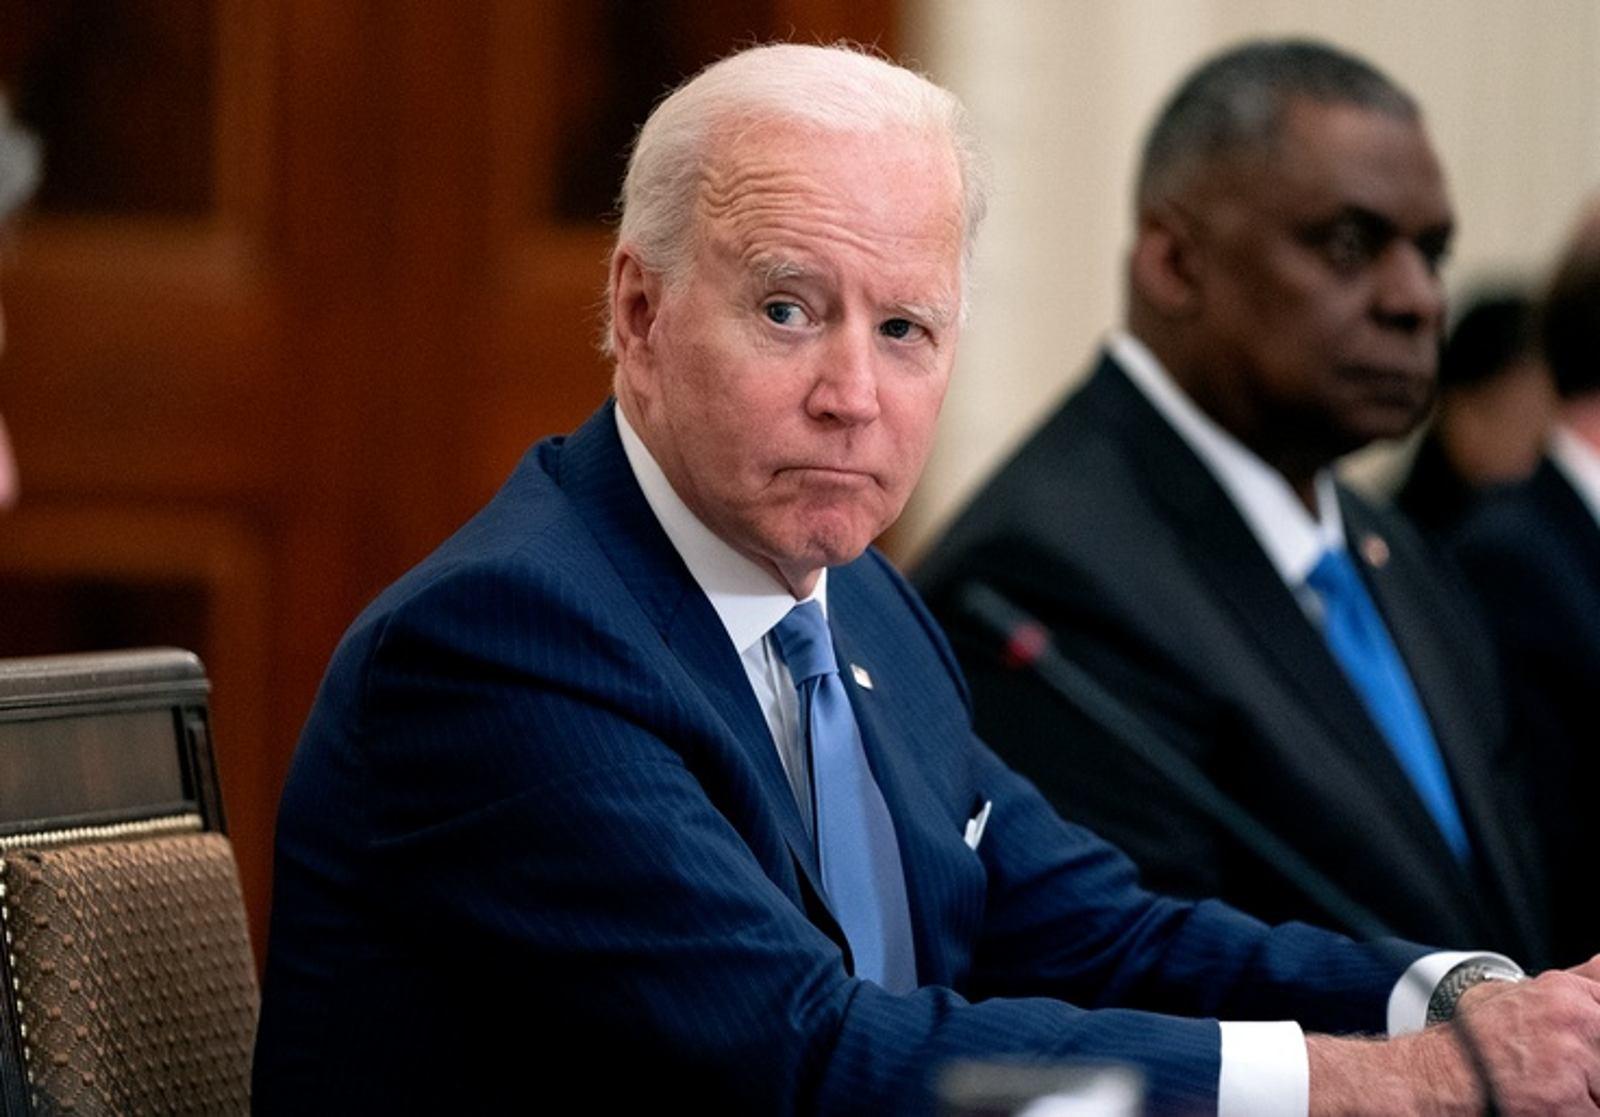 Biden impulsa el aborto financiado por los impuestos en el presupuesto federal